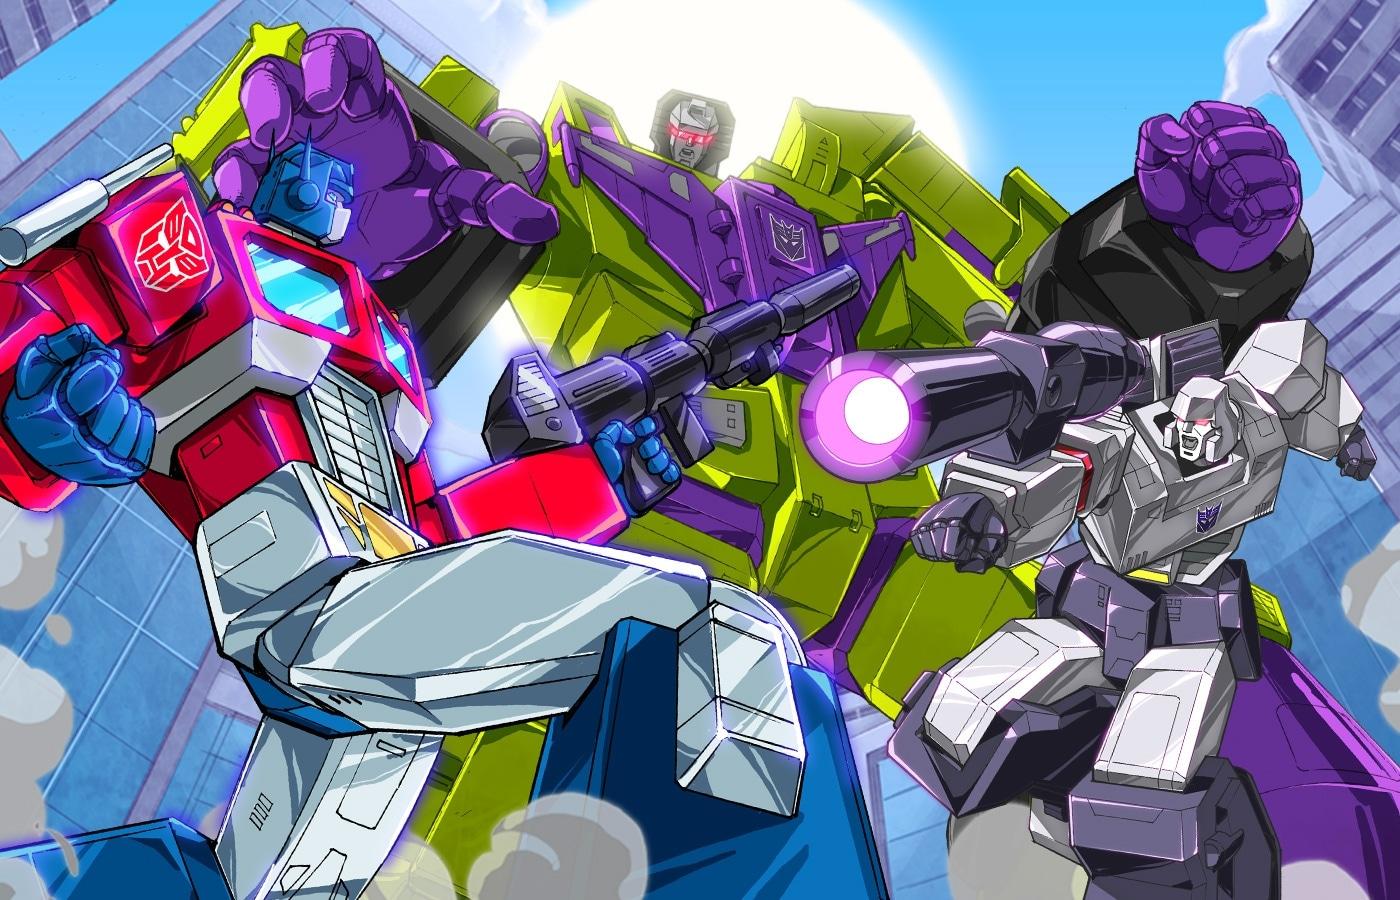 Une retour dans les années 80 avec Transformers : Devastation